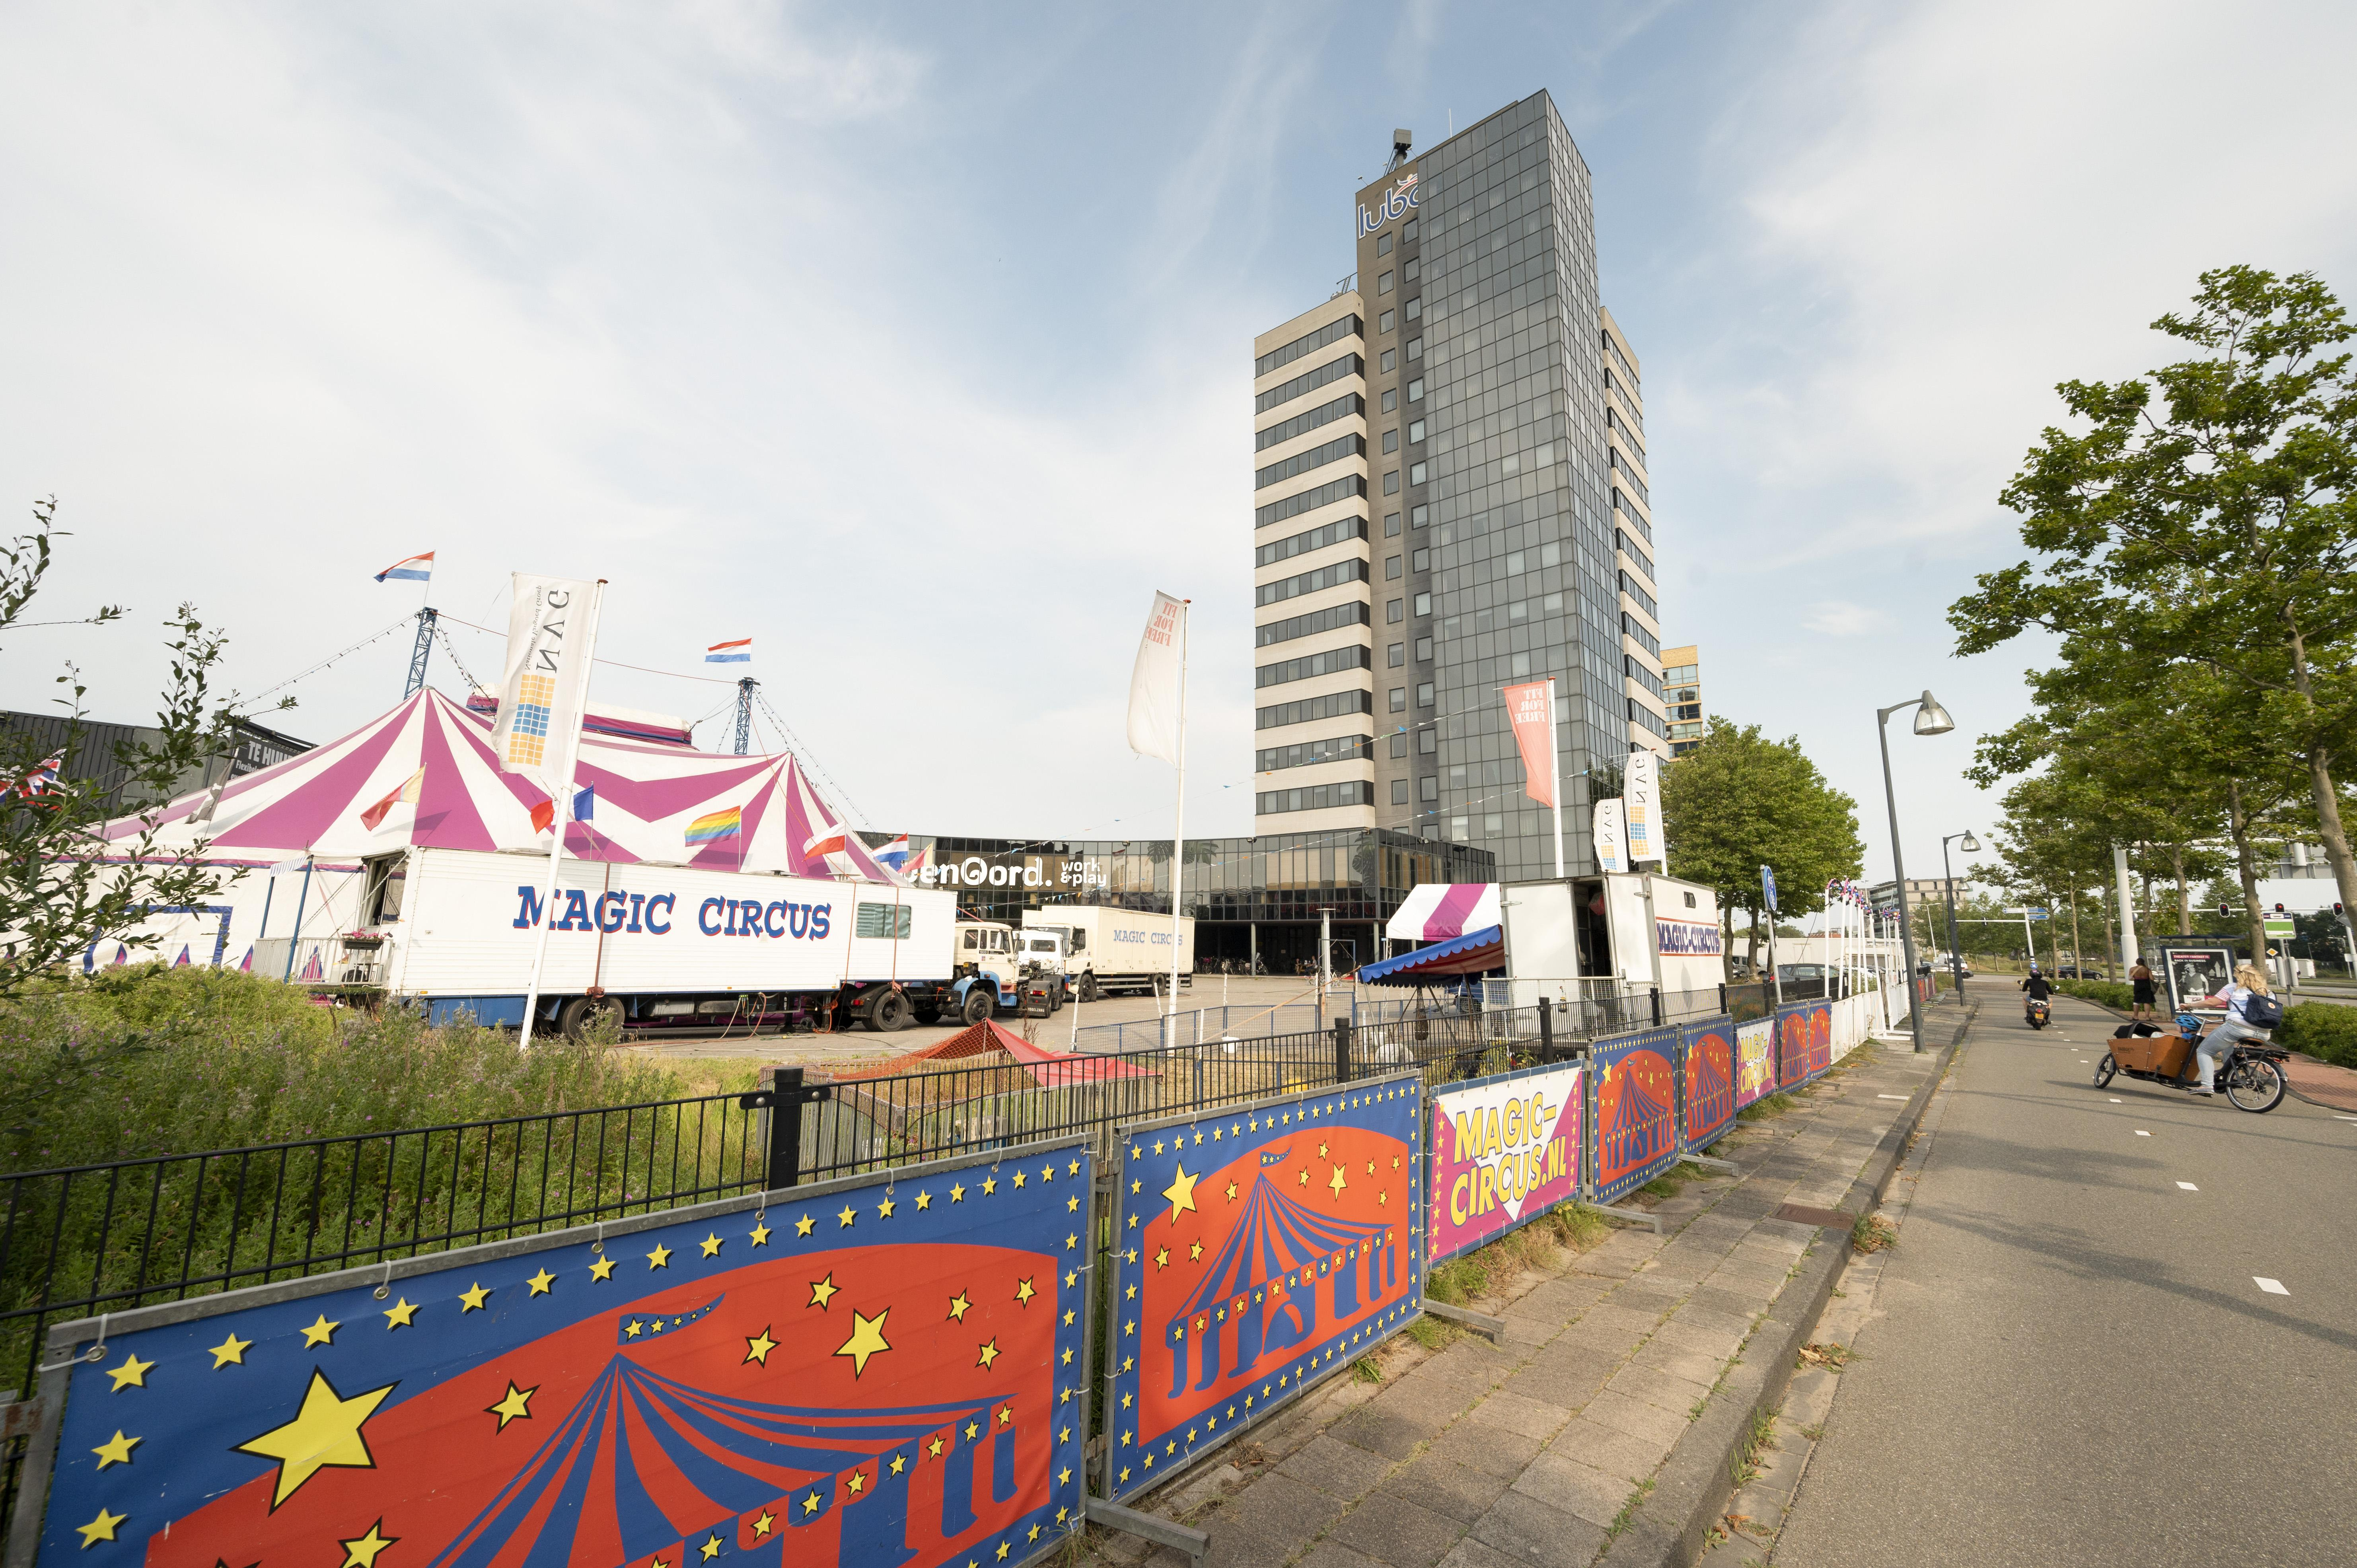 Magic Circus als een van de eerste in Nederland weer in bedrijf in Leiden: 'We blijven juist in deze tijd veilig en gezellig'